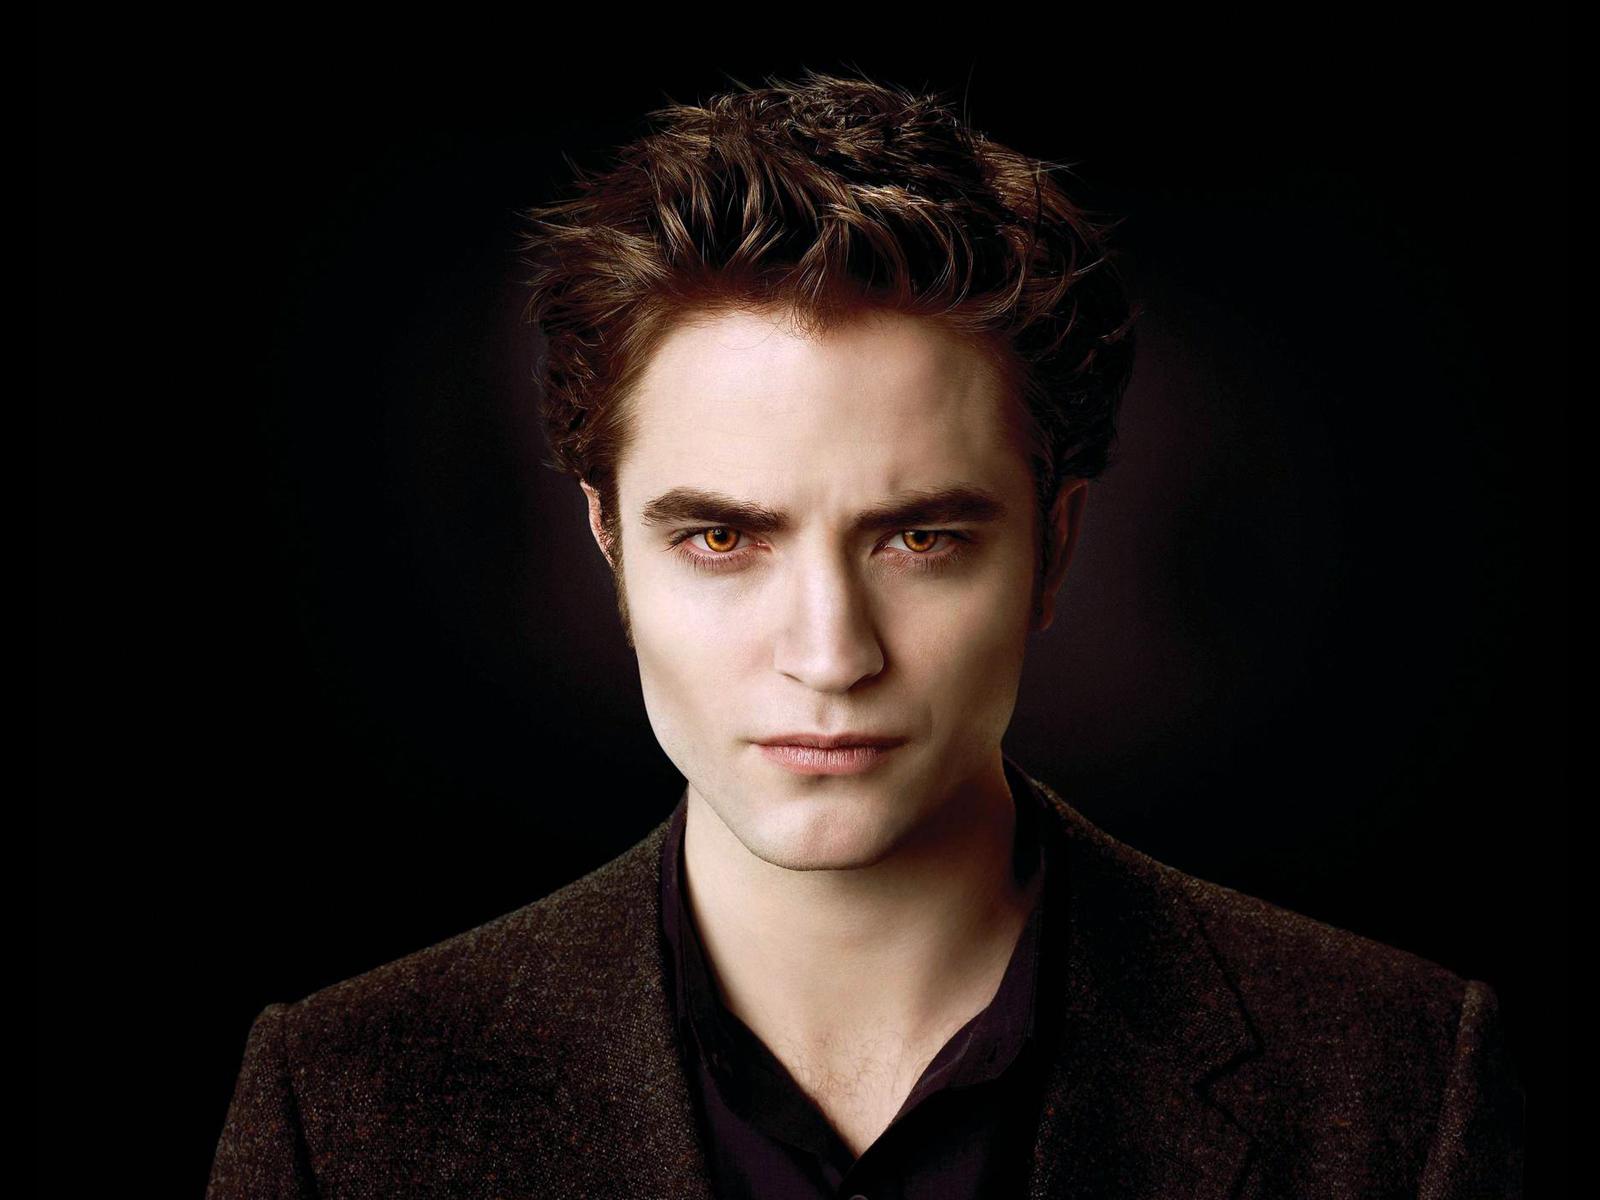 Free Download Edward Cullen Photo Hd Wallpaper Celebrities